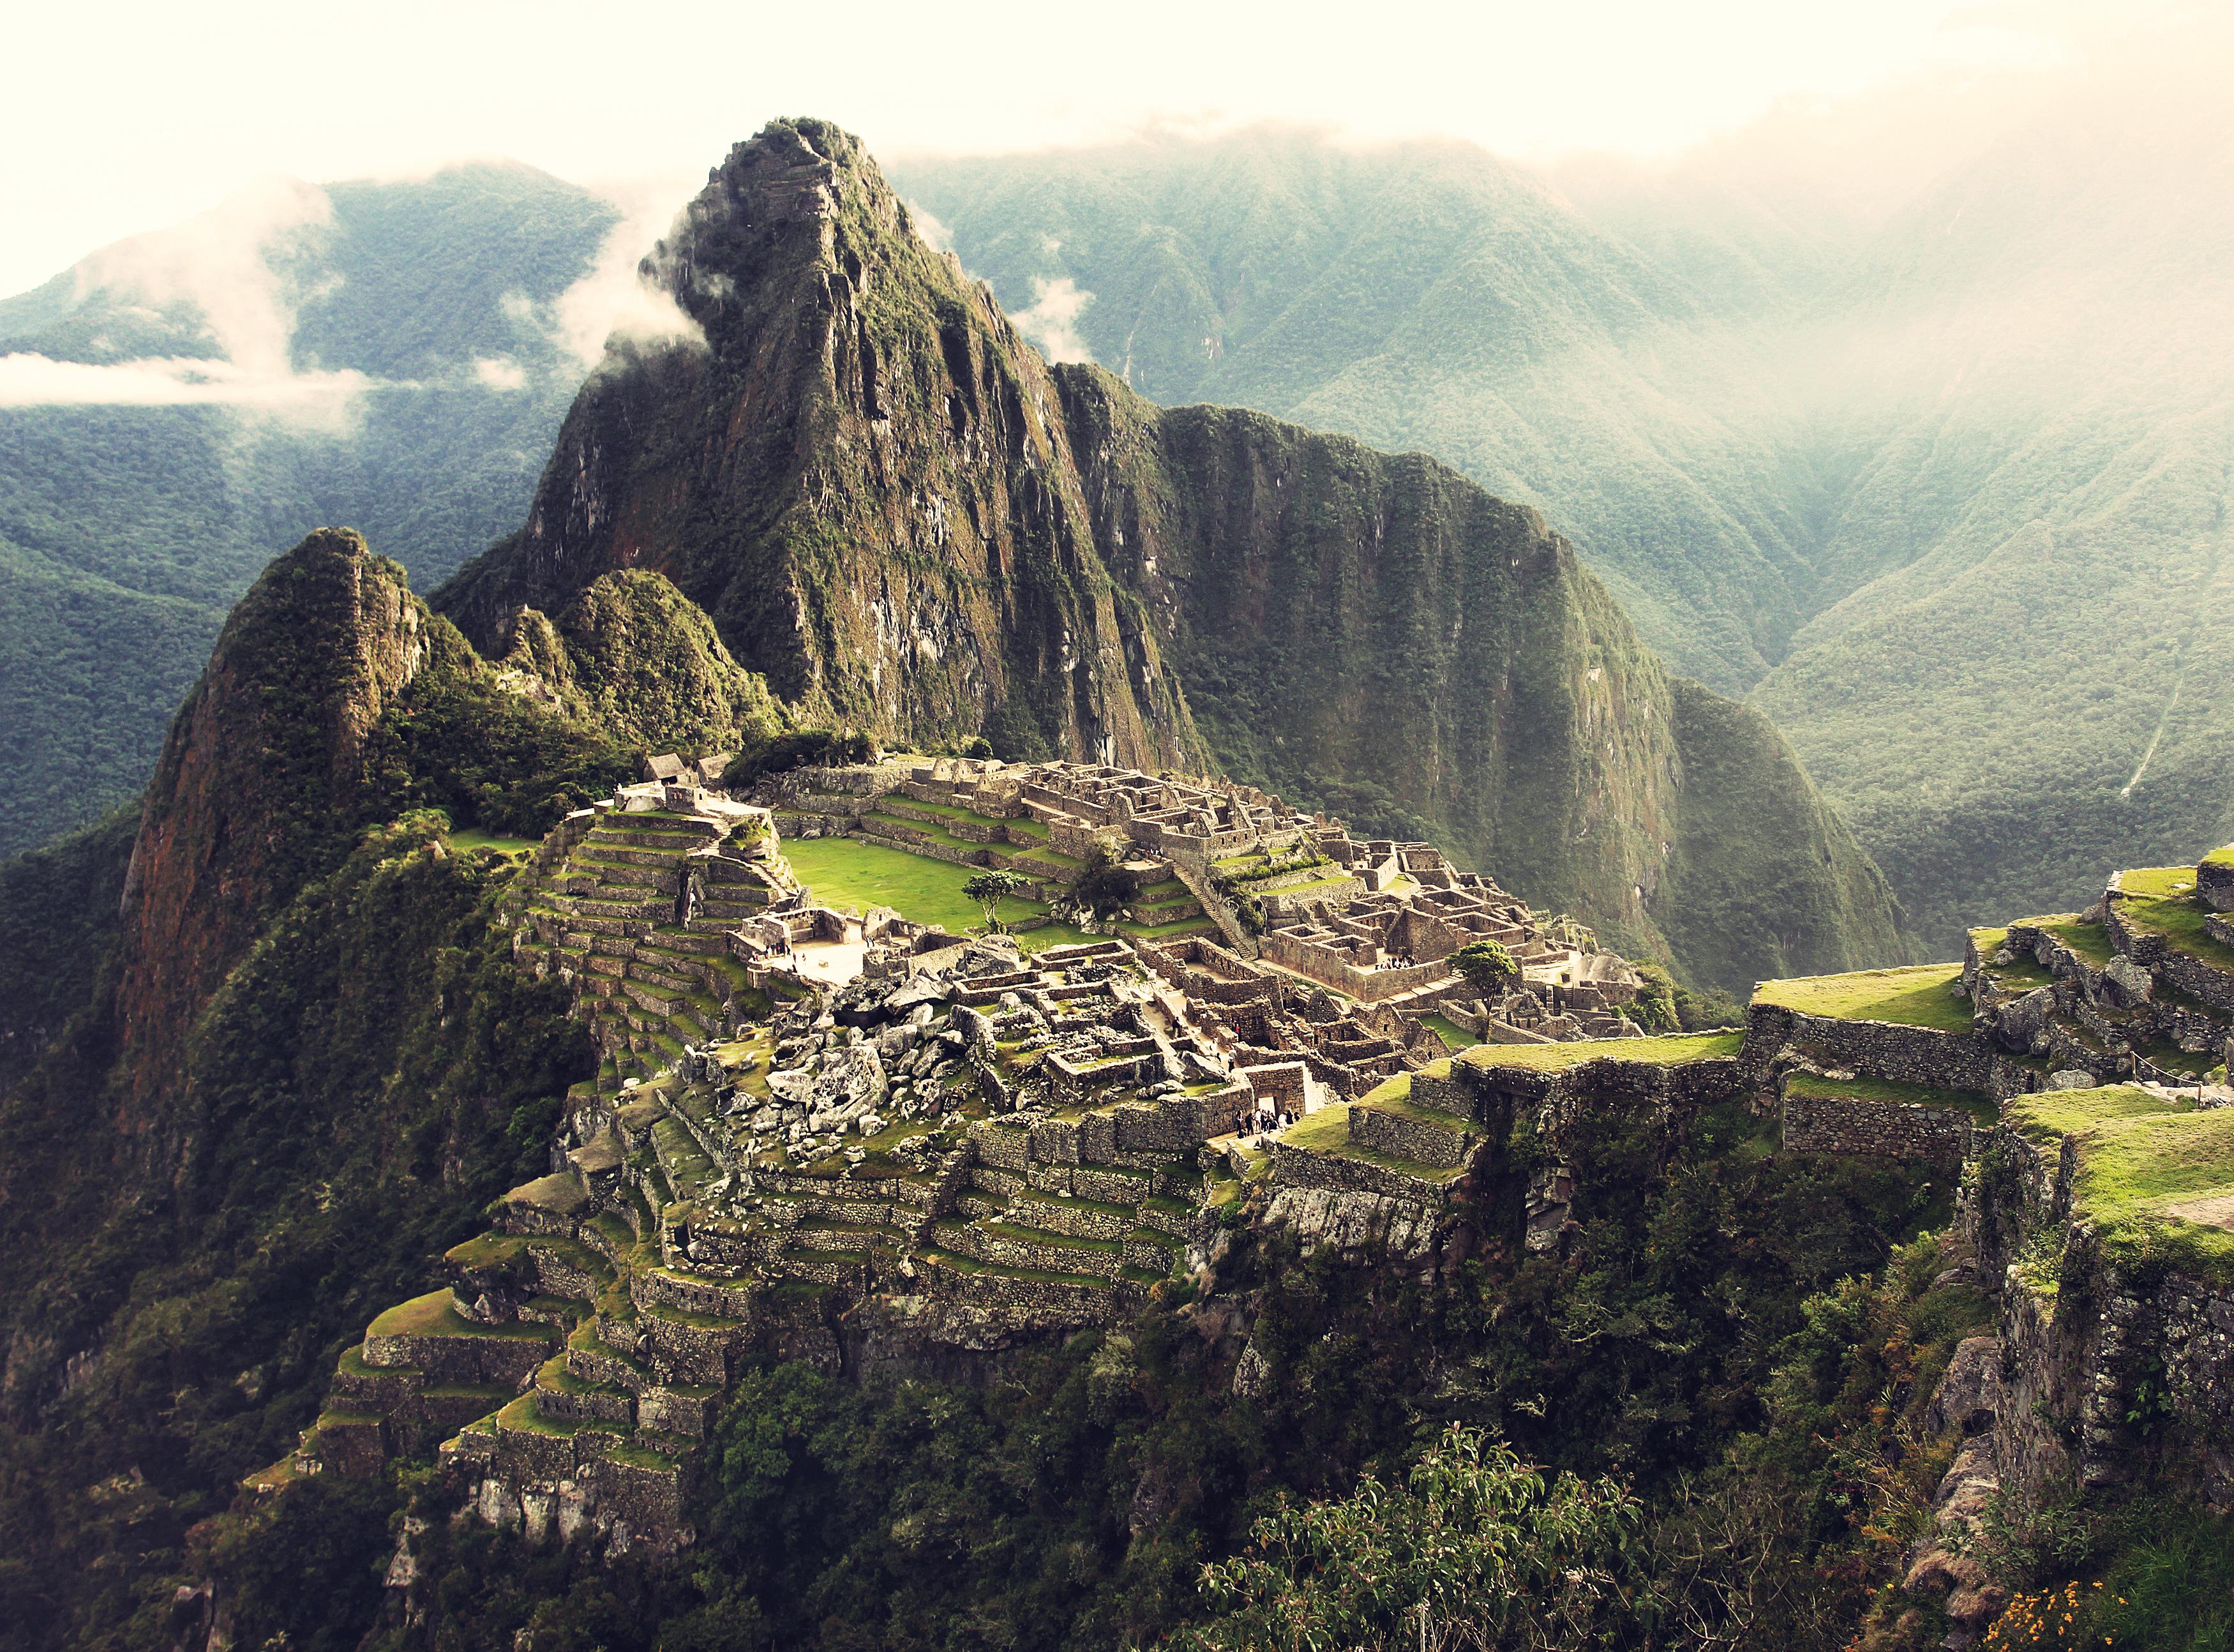 A view of Machu Picchu in Peru.